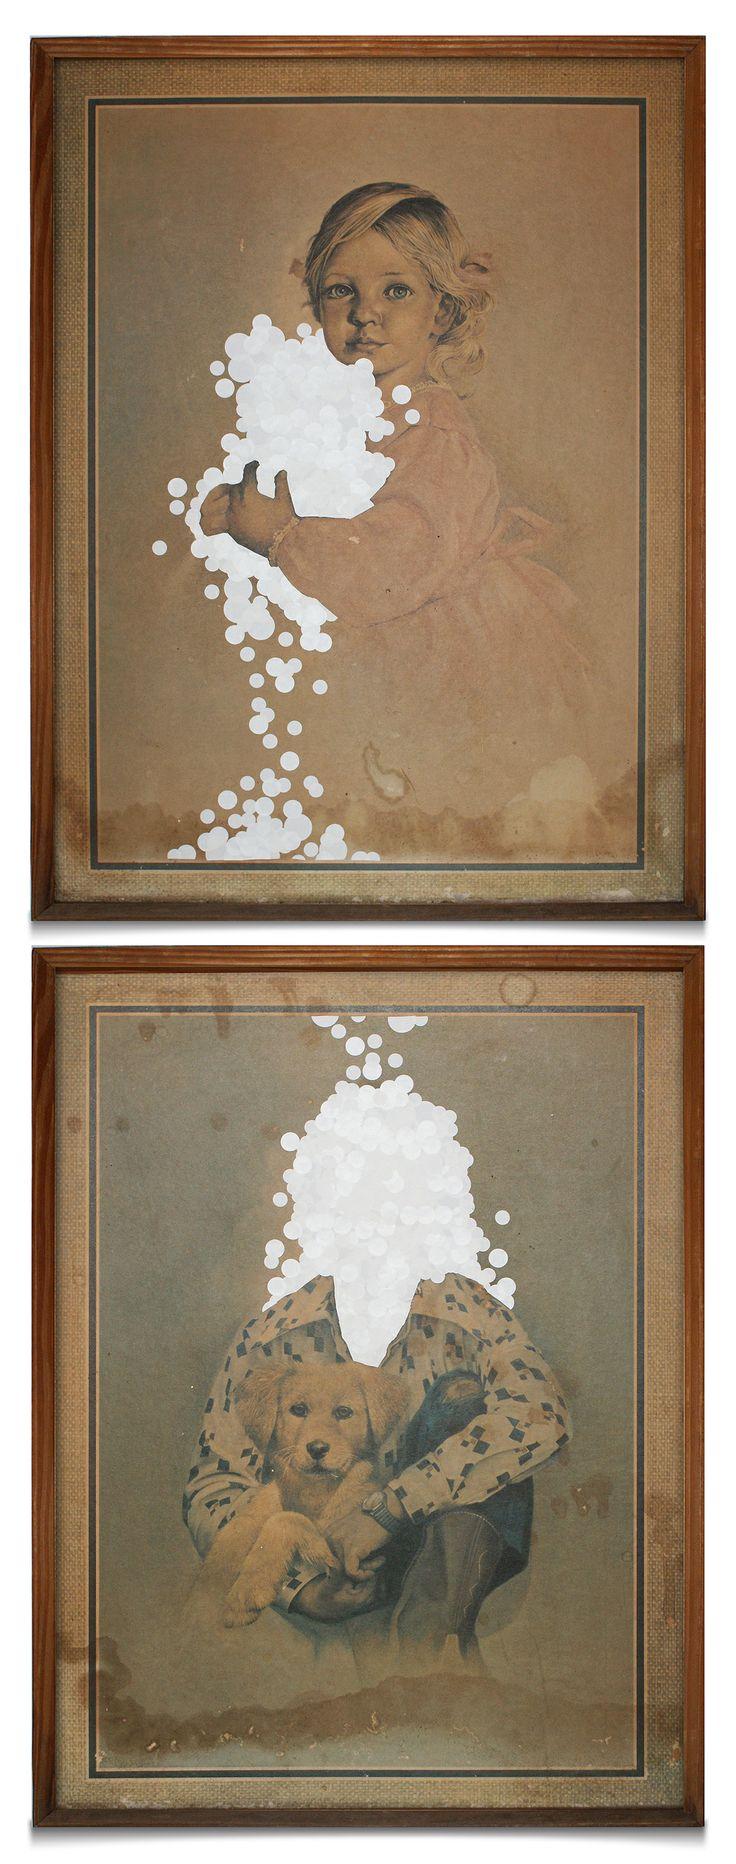 Circular Stickers on Found Art   Willem Kitshoff